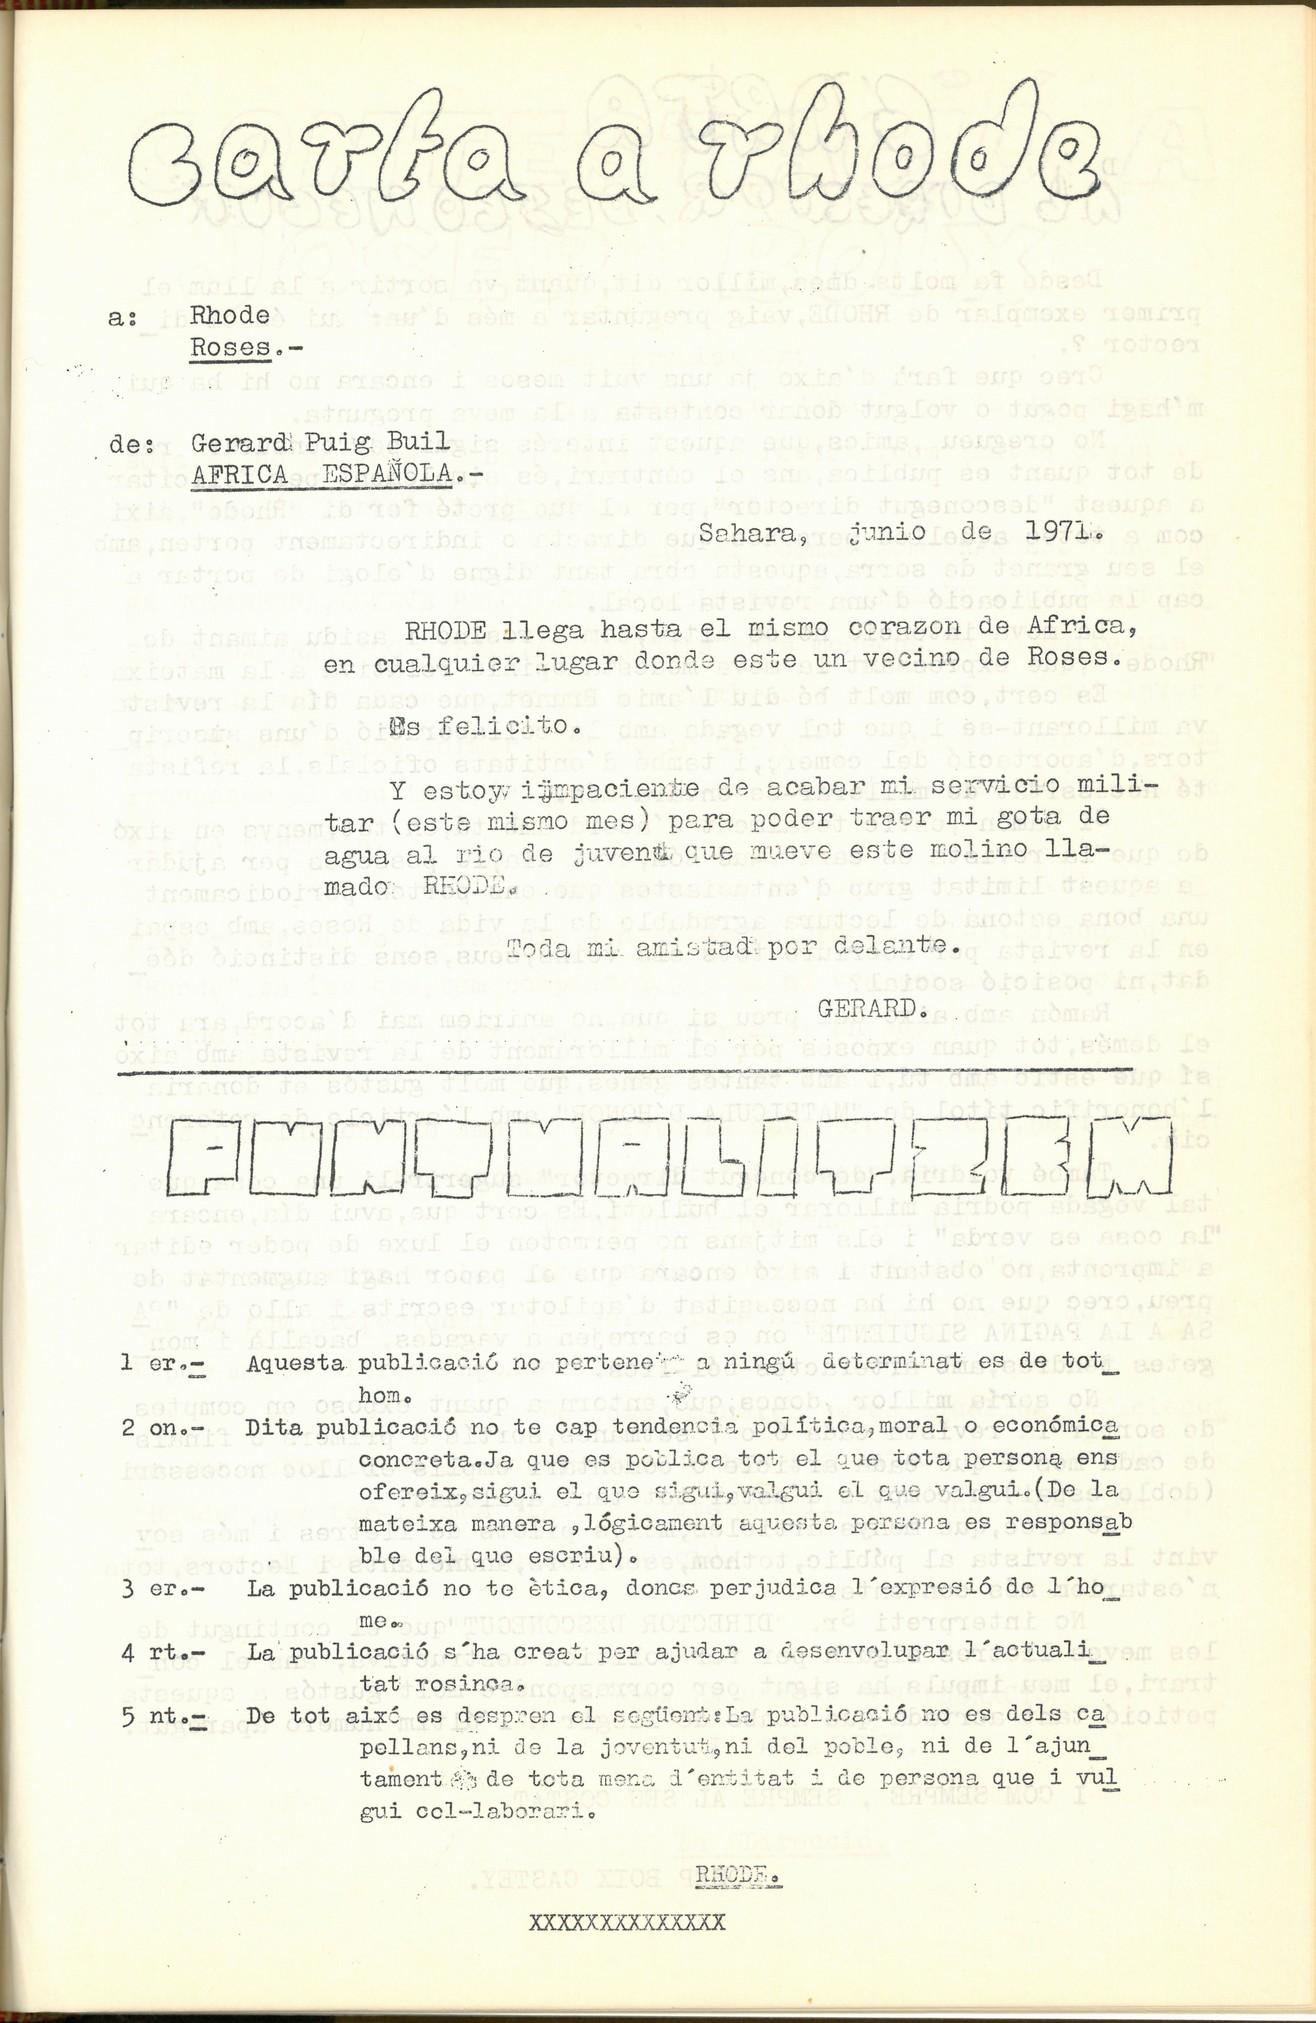 La revista Rhode, expressió dels nous moviments culturals a Roses (1971-1972), document de l'AMR